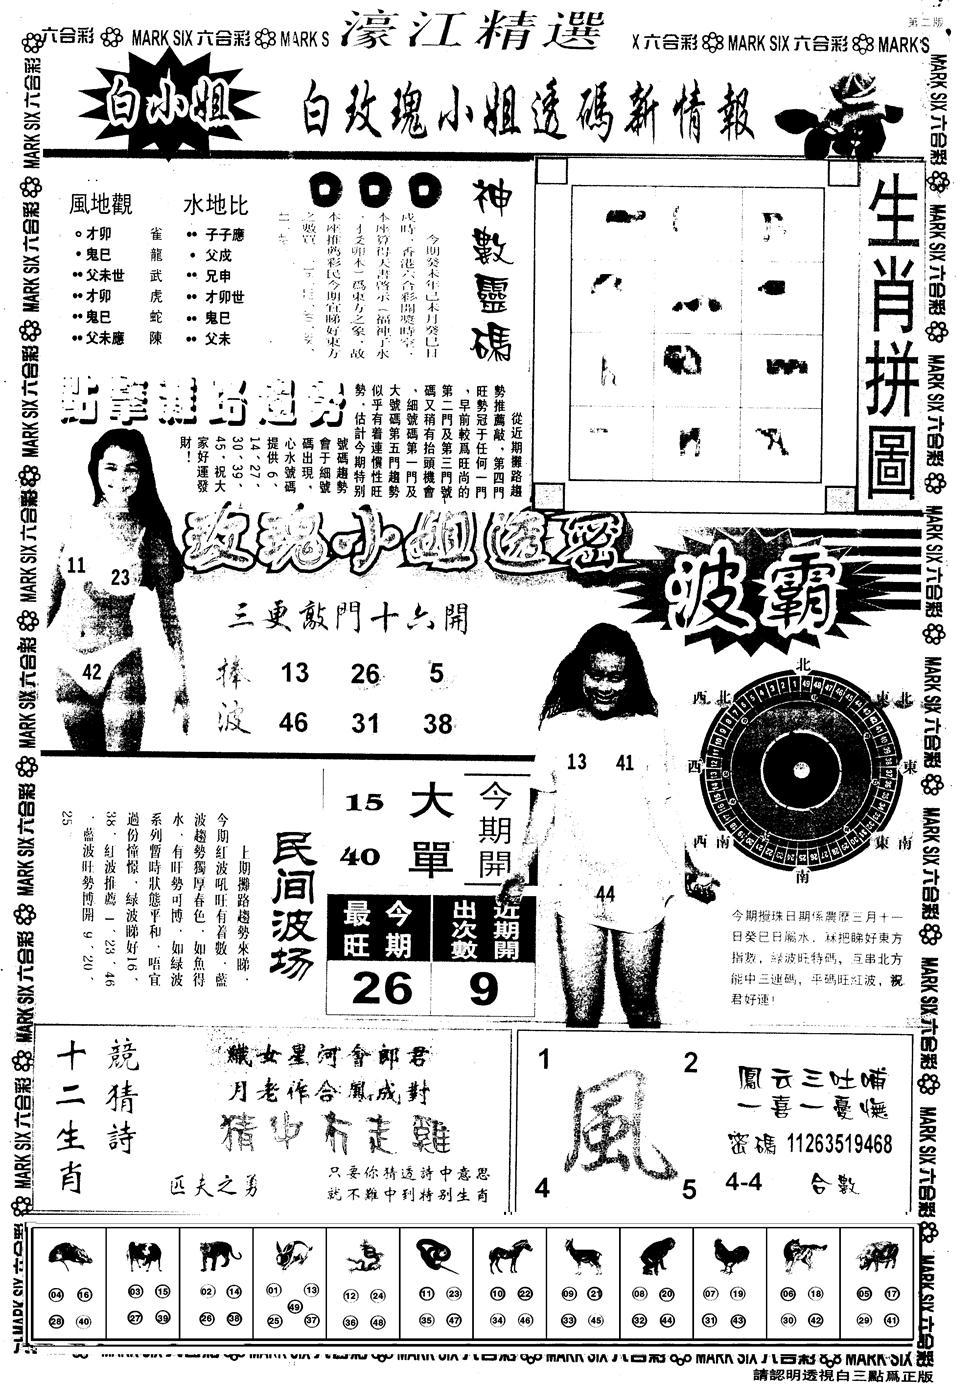 083期另版濠江精选B(黑白)